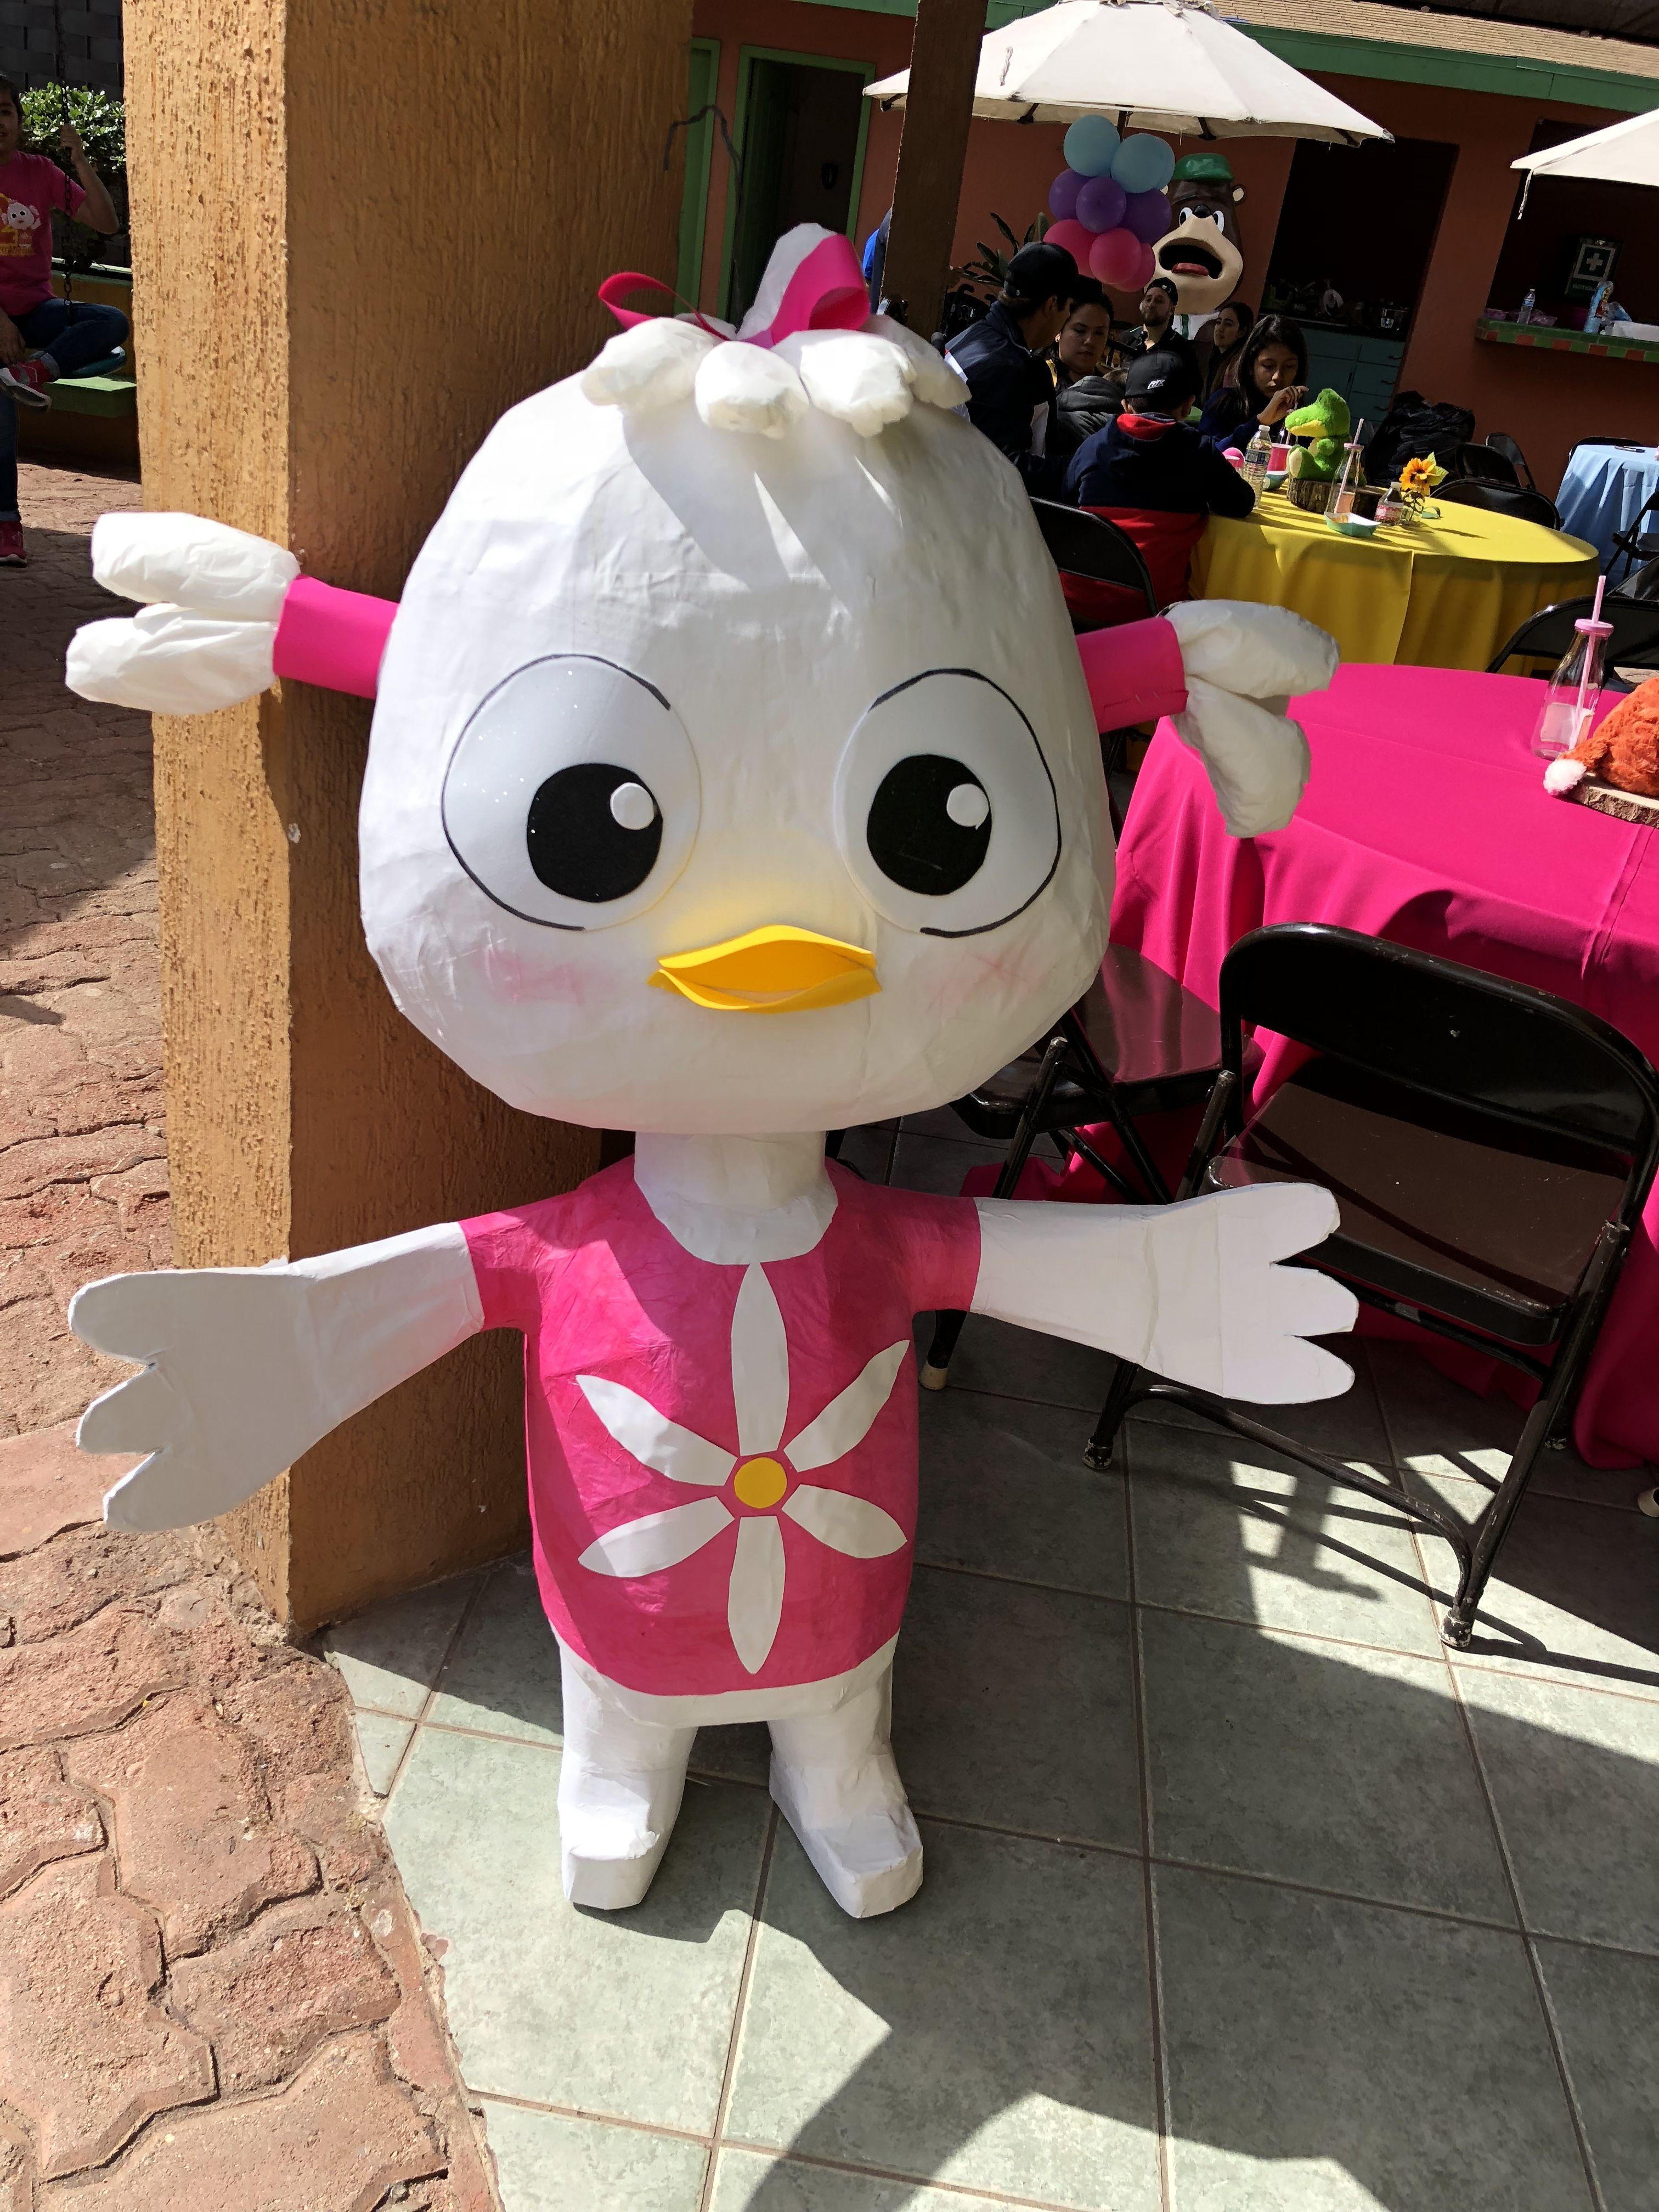 Lulú Zoo PiñataLas In Del Canciones 2019 La Patita Lulu 80mwnvNO